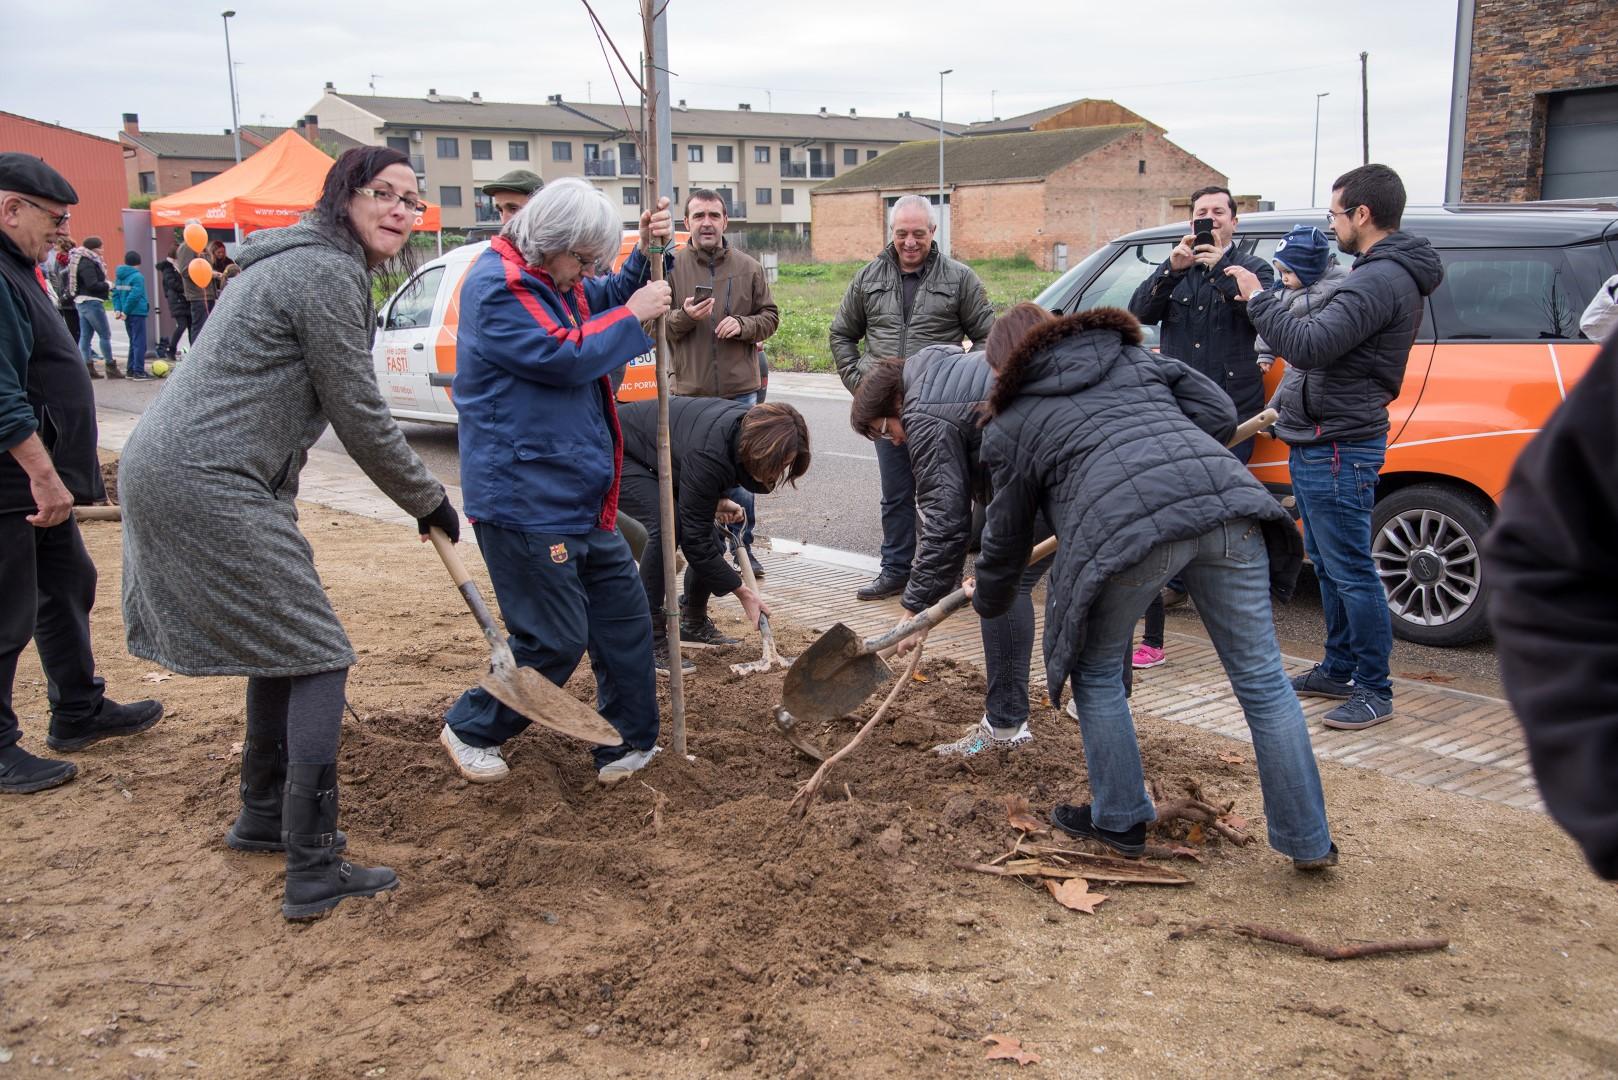 VII Festa del Medi Ambient. Plantada d'Arbres-Arces